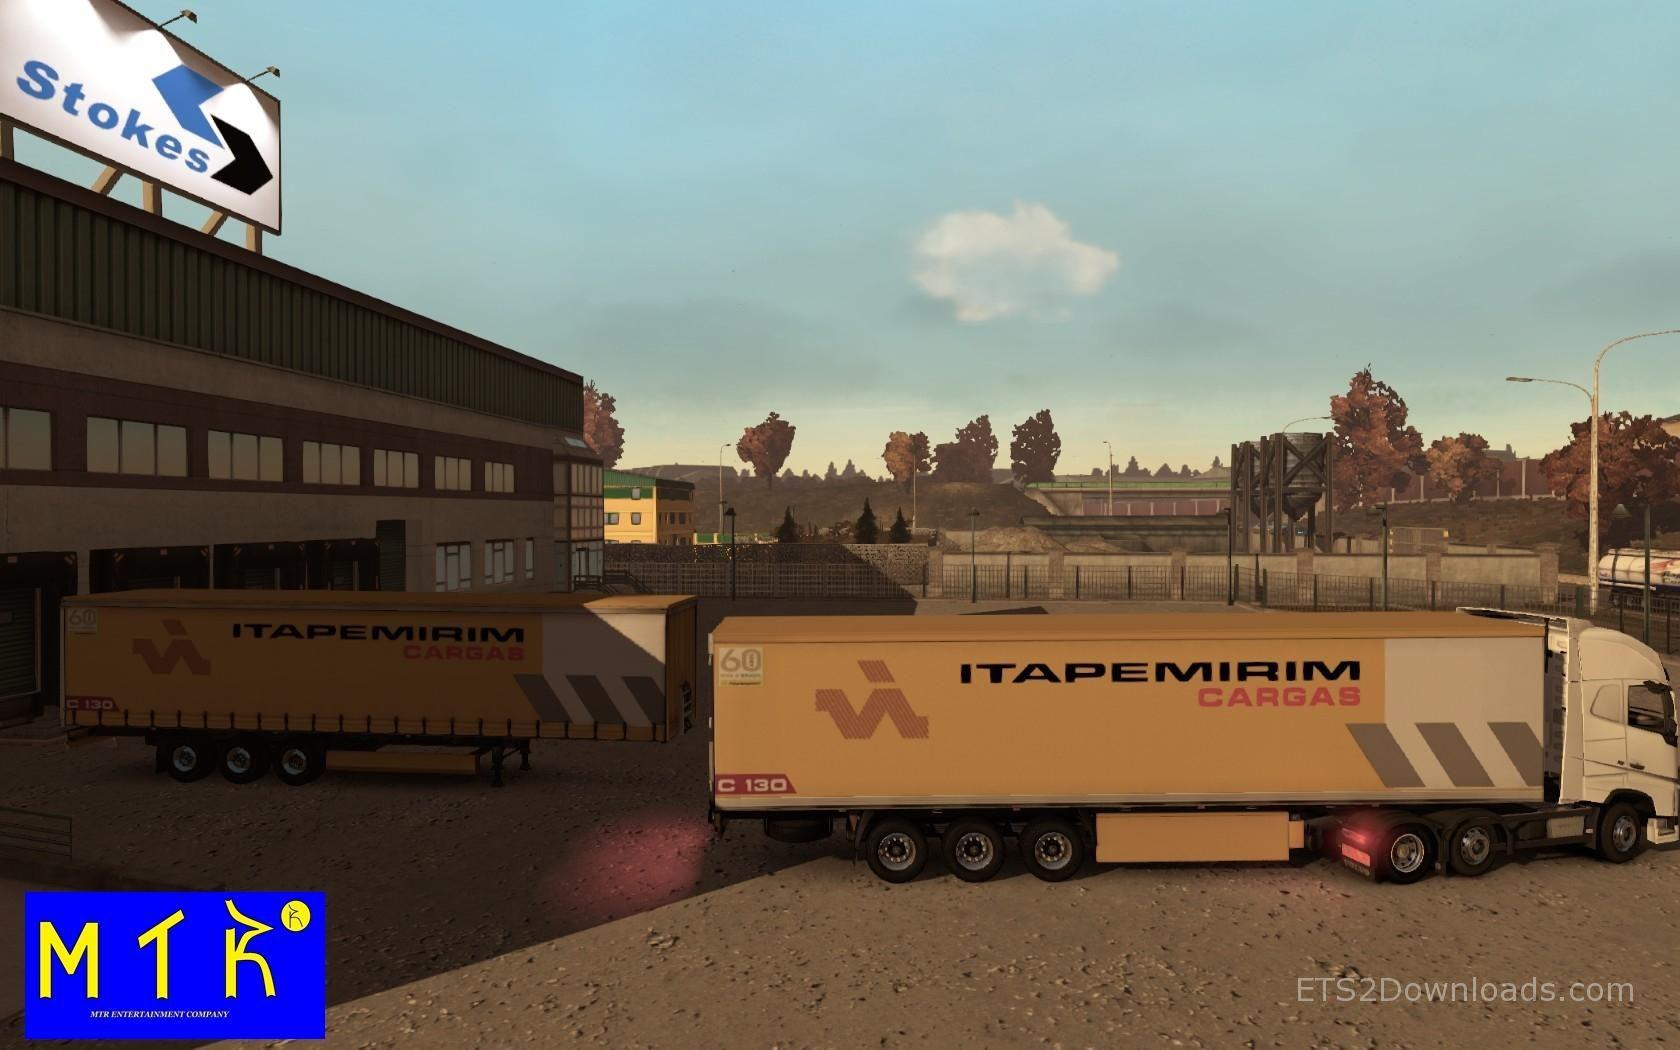 itapemirim-cargas-trailer